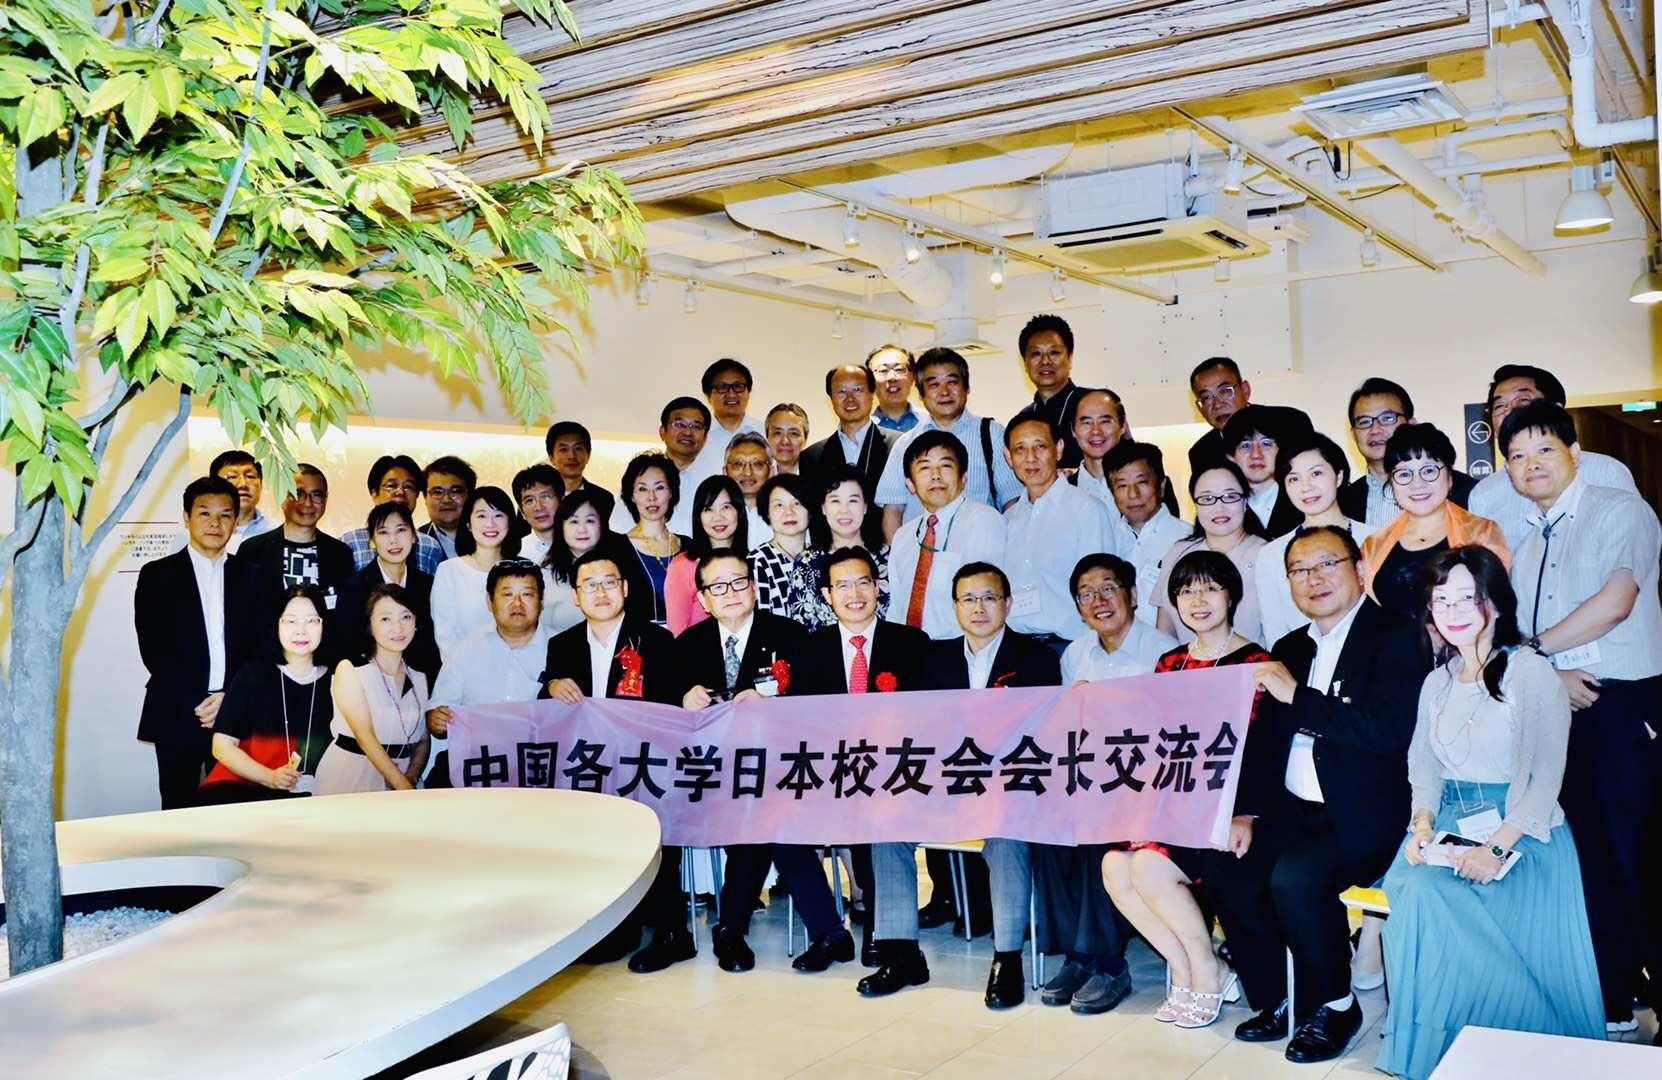 李扩建参加中国各大学日本校友会会长交流会_d0007589_17305470.jpg